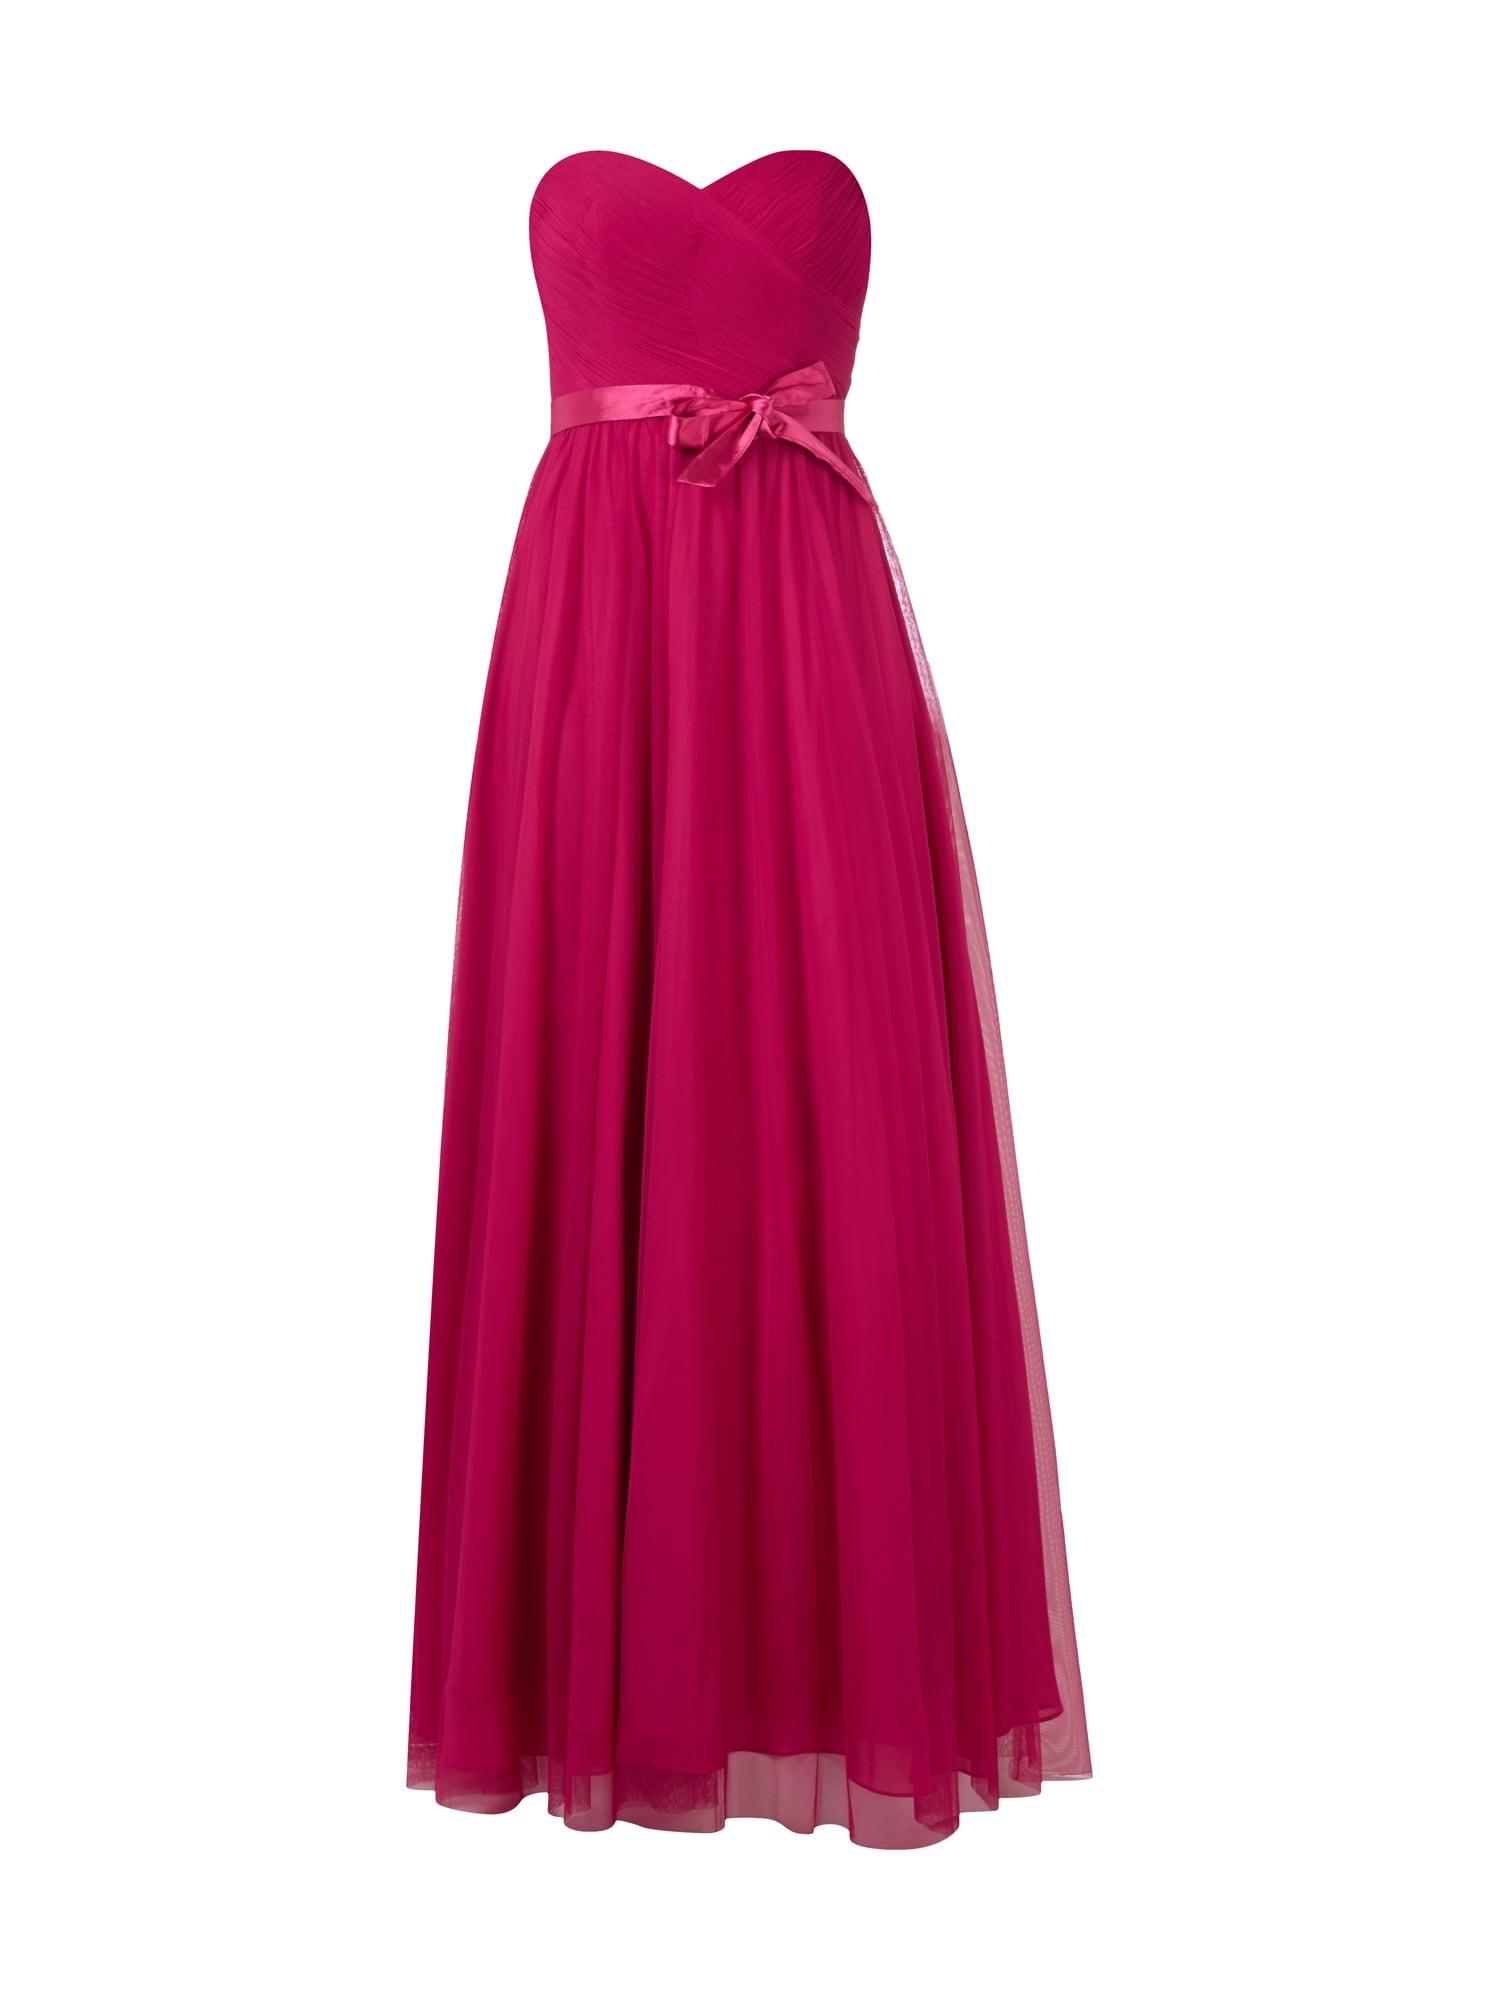 15 Schön Abendkleid Pink BoutiqueAbend Fantastisch Abendkleid Pink Ärmel